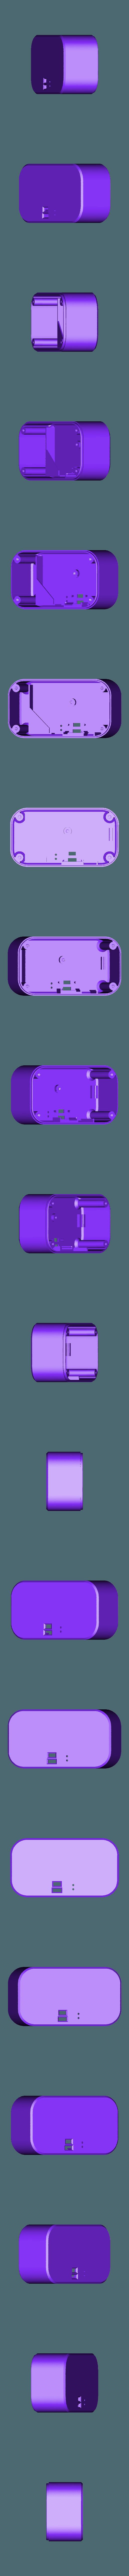 Back_Body.stl Download free STL file Mini Bluetooth Speaker • 3D printer design, EugenioFructuoso